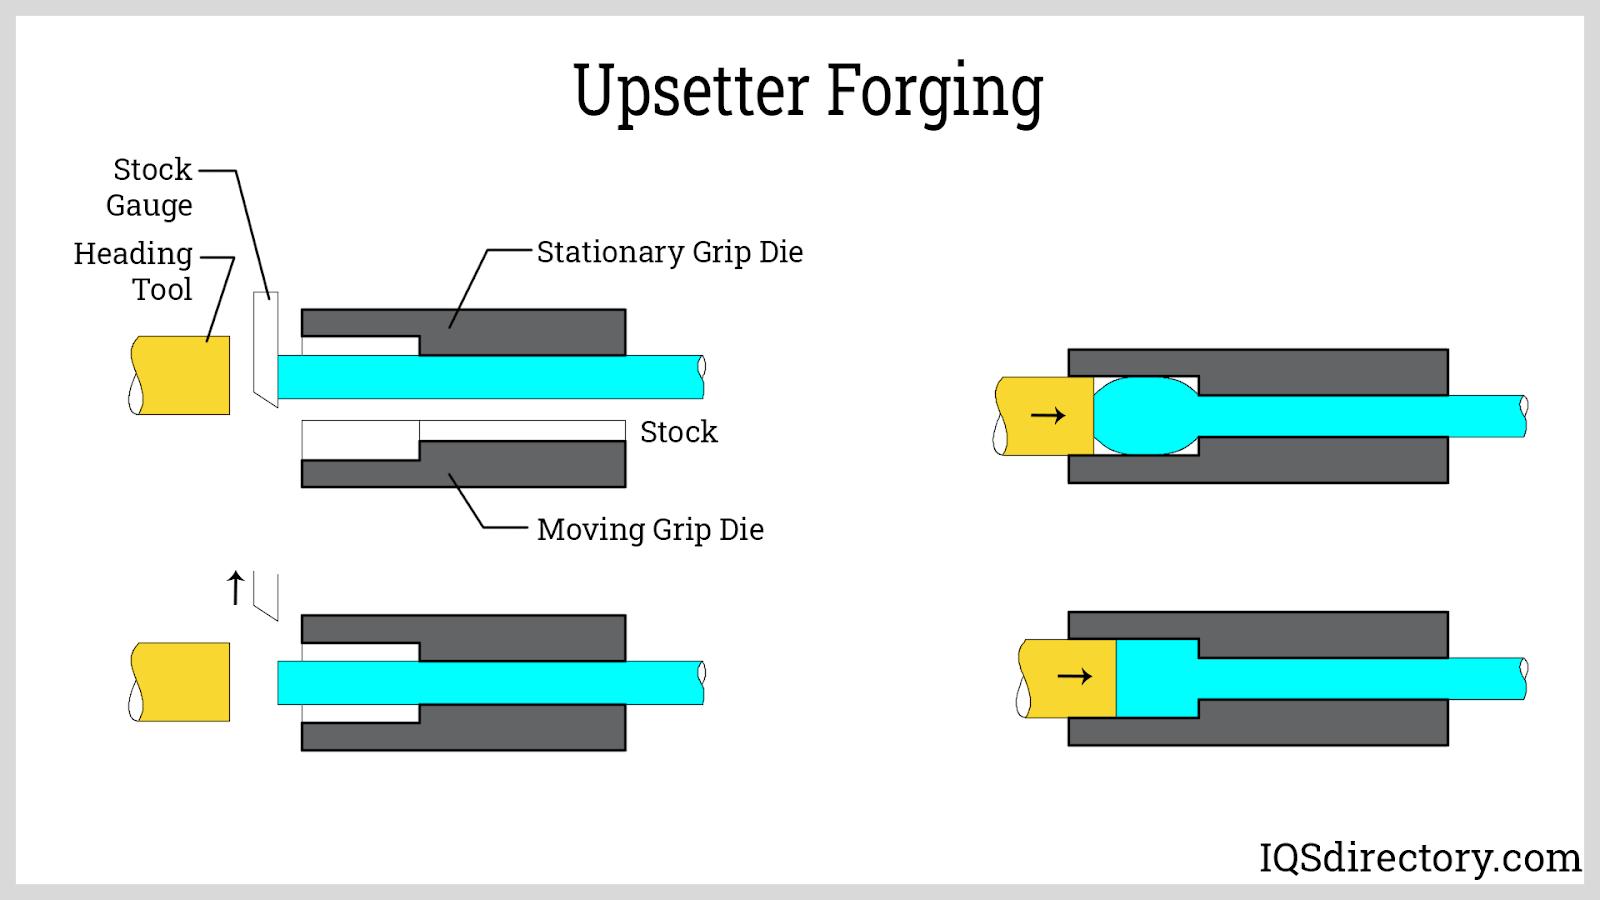 Upsetter Forging